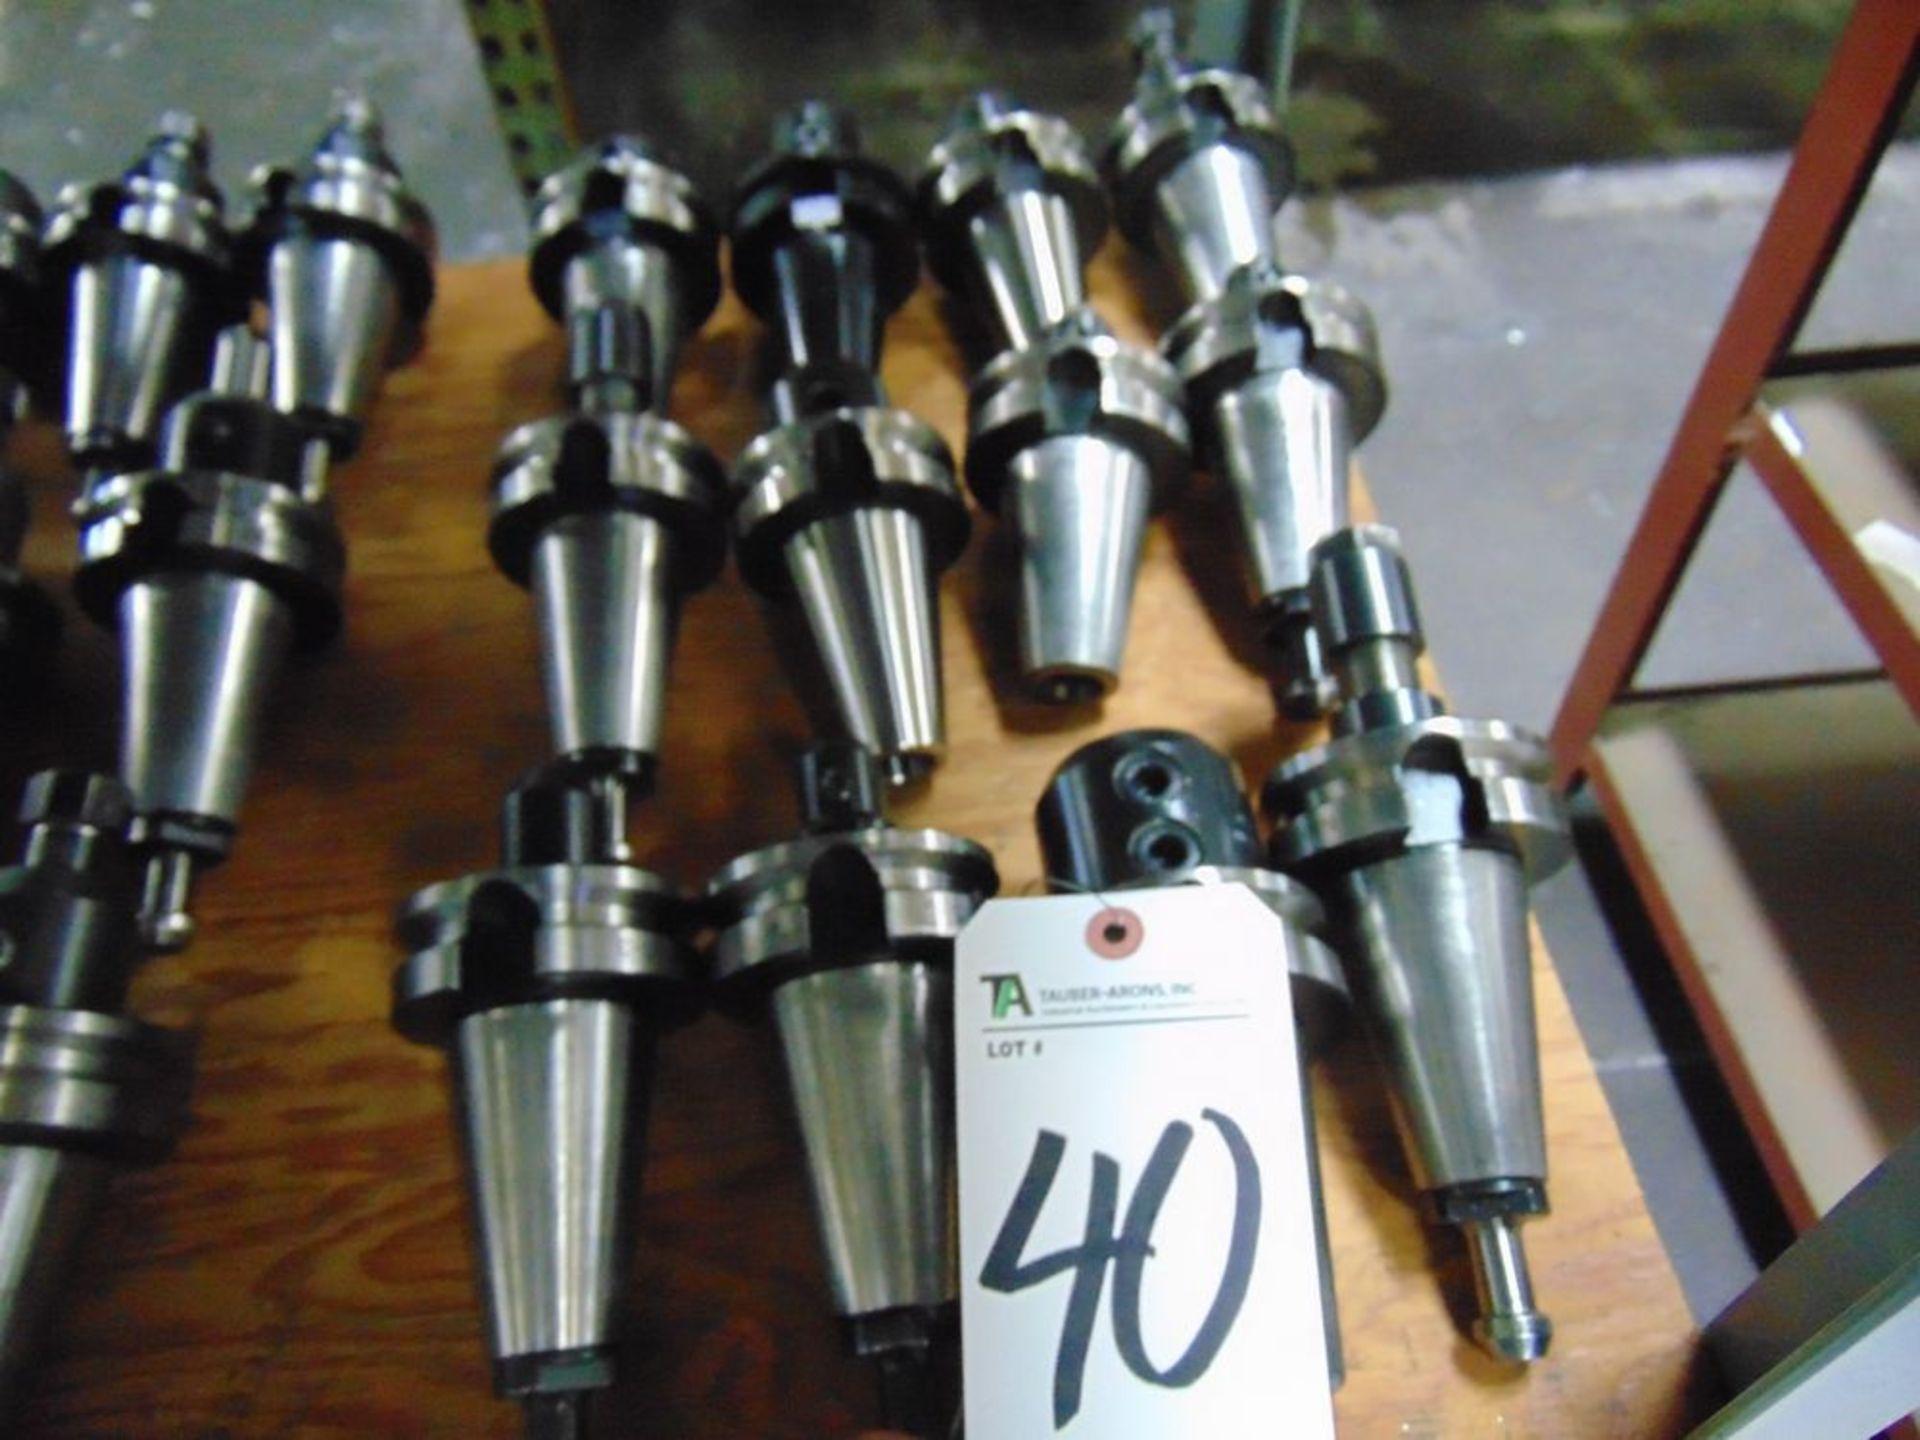 Lot 40 - Tecnara & Others, 45 Taper Tool Holders